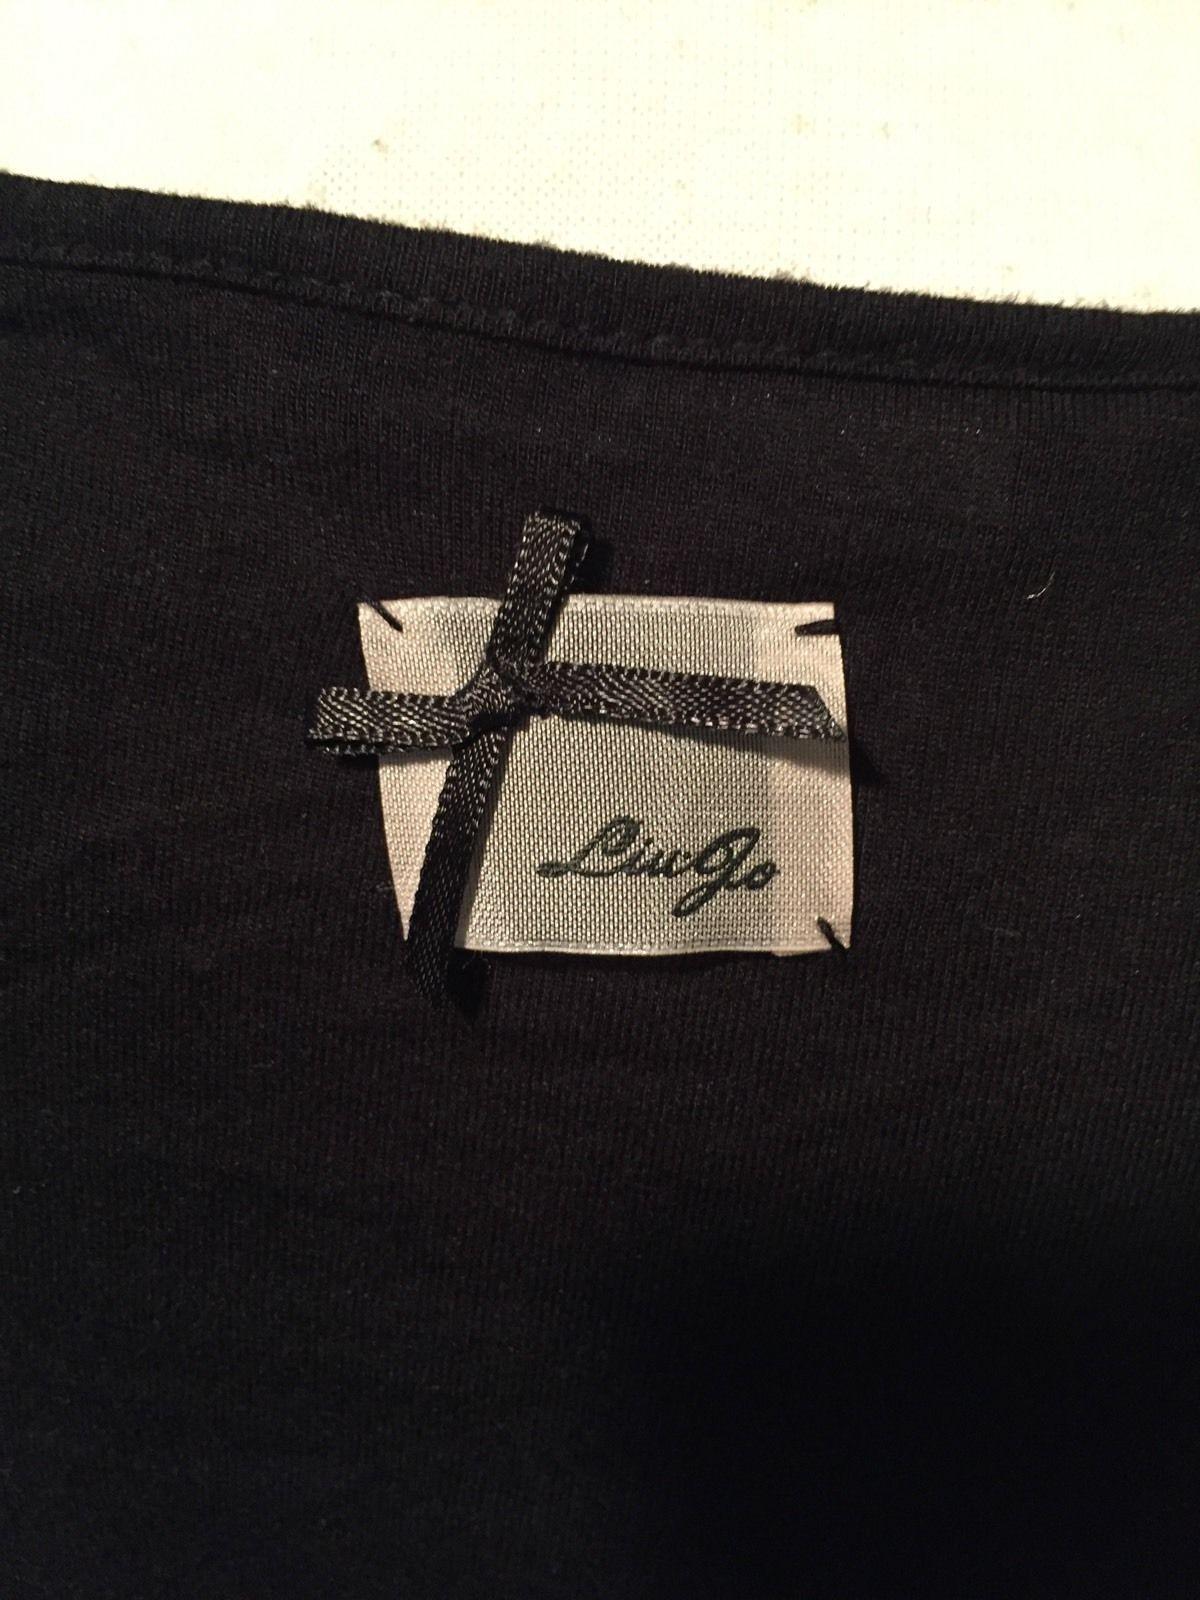 Liu Jo Lightweight Long Sleeve Blouse Black Size 46